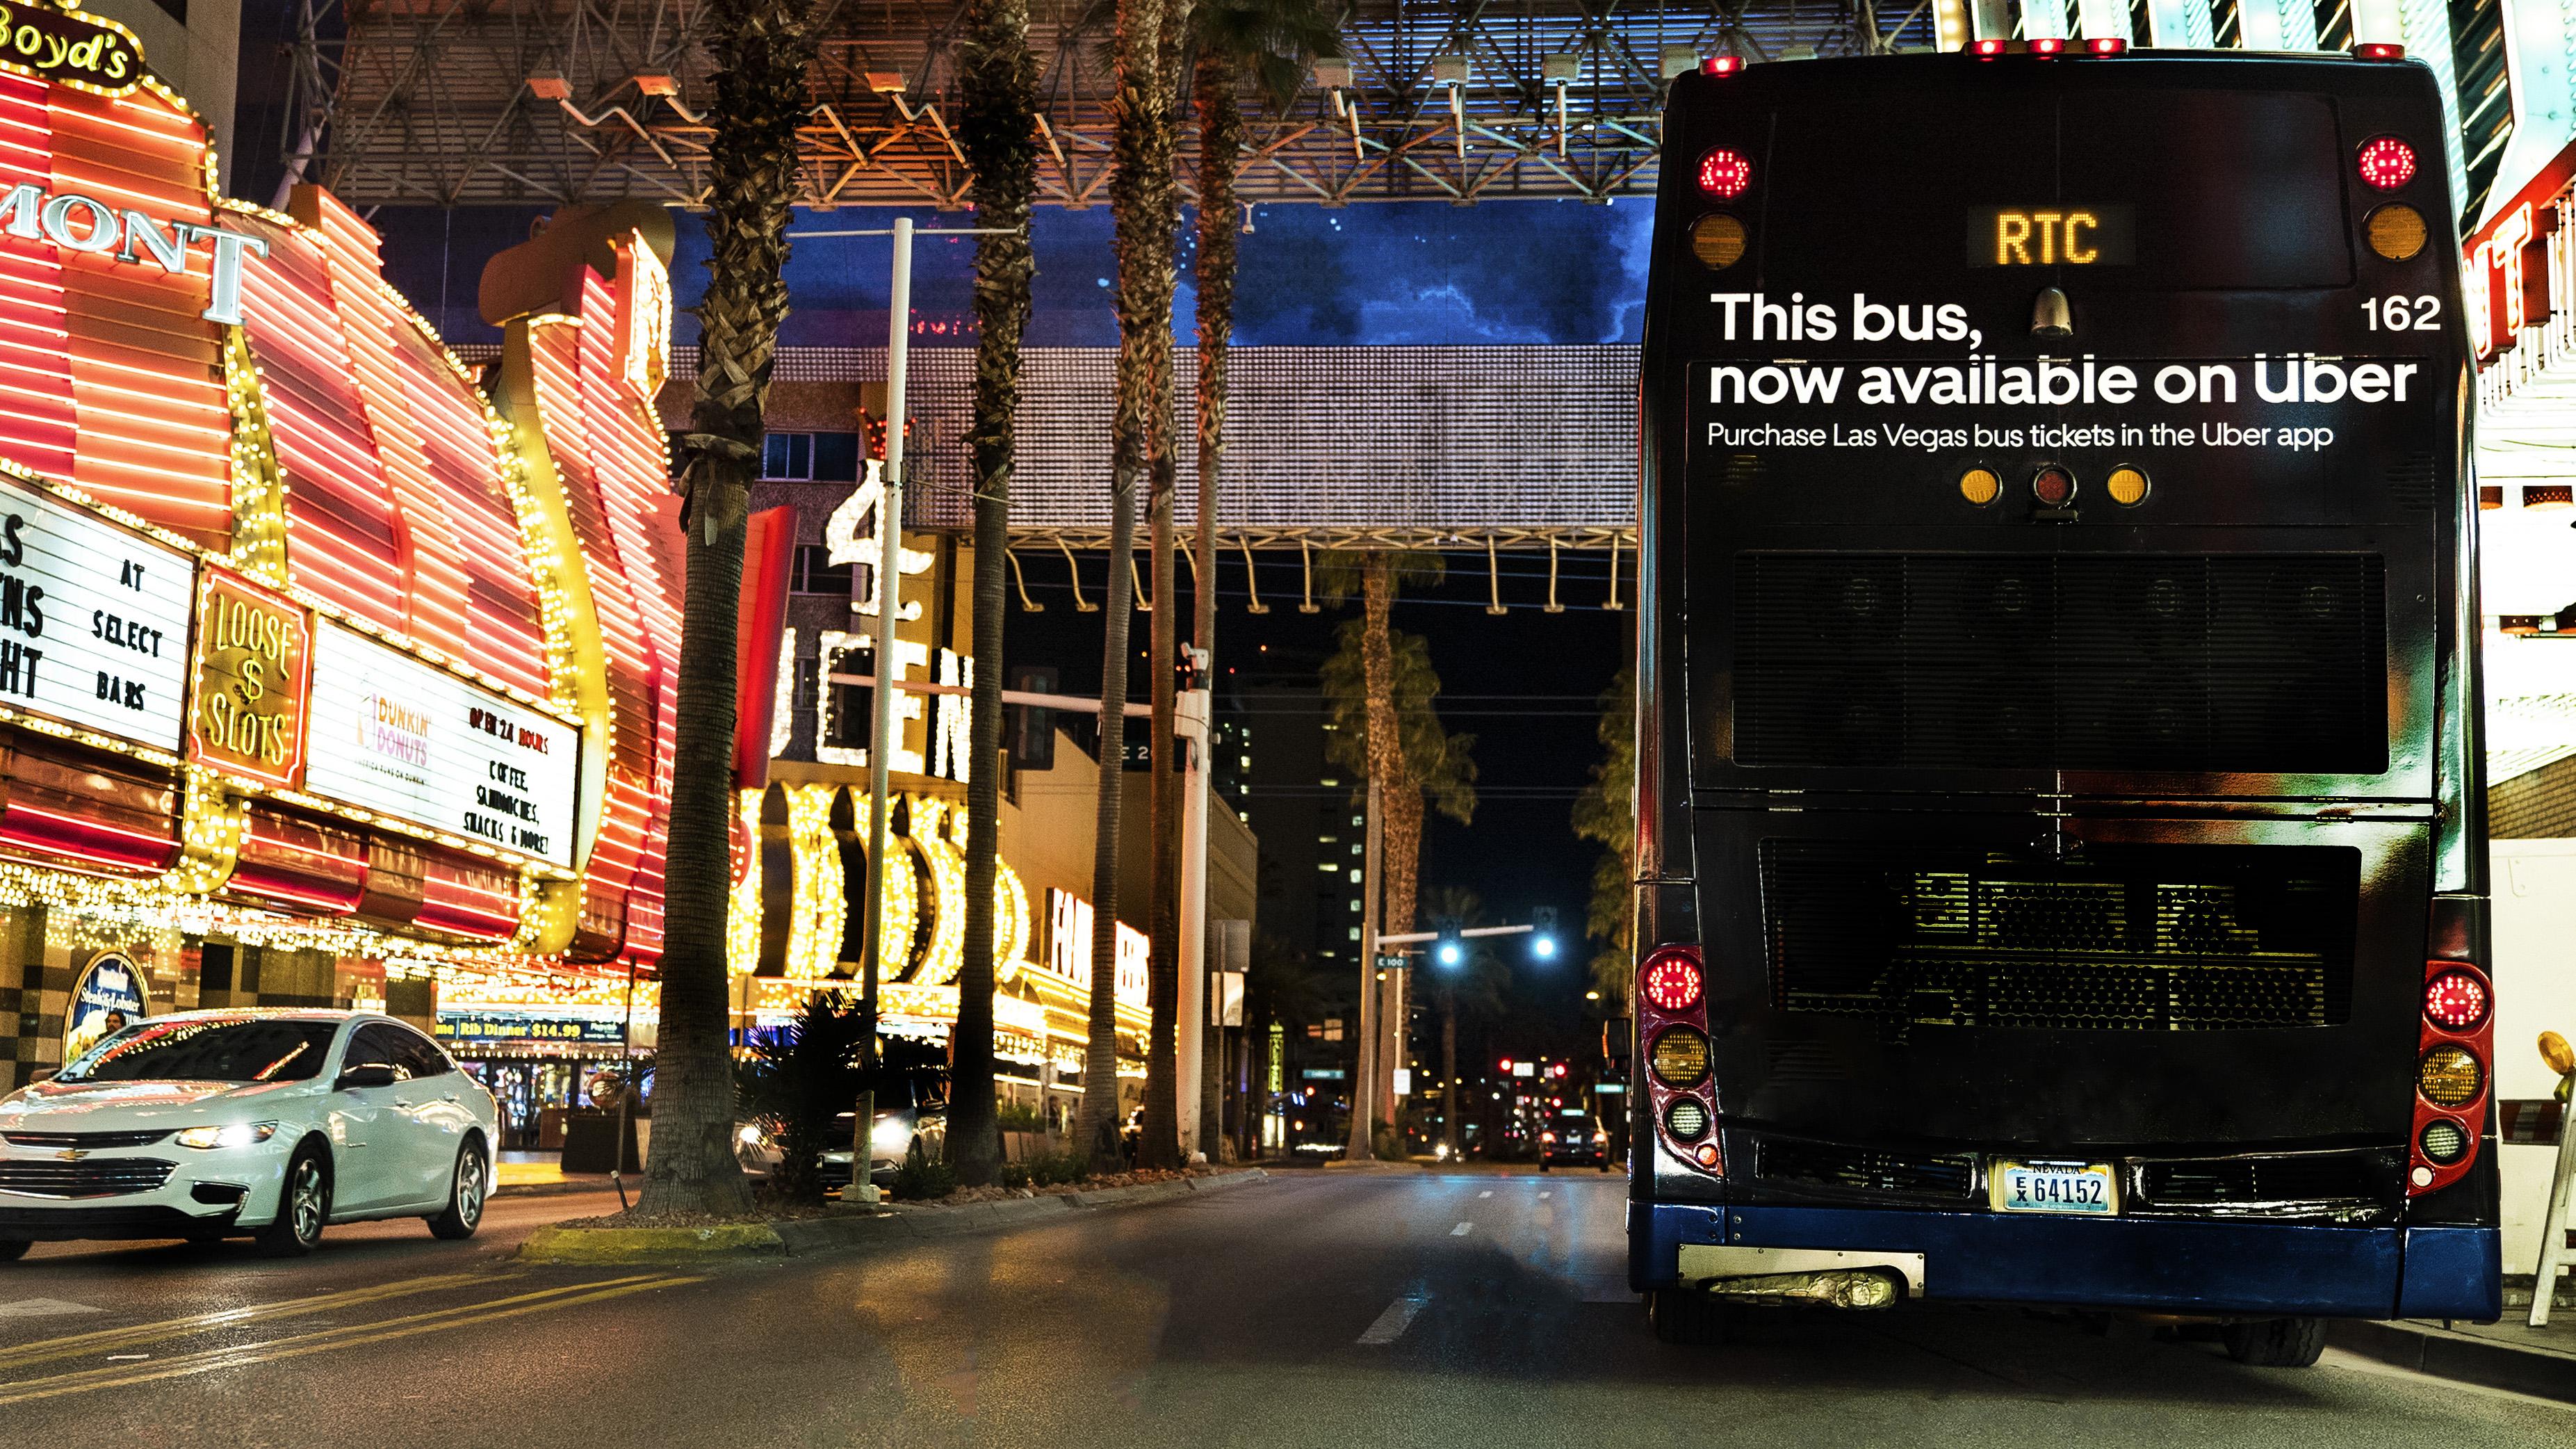 Uber Transit RTC Bus 2